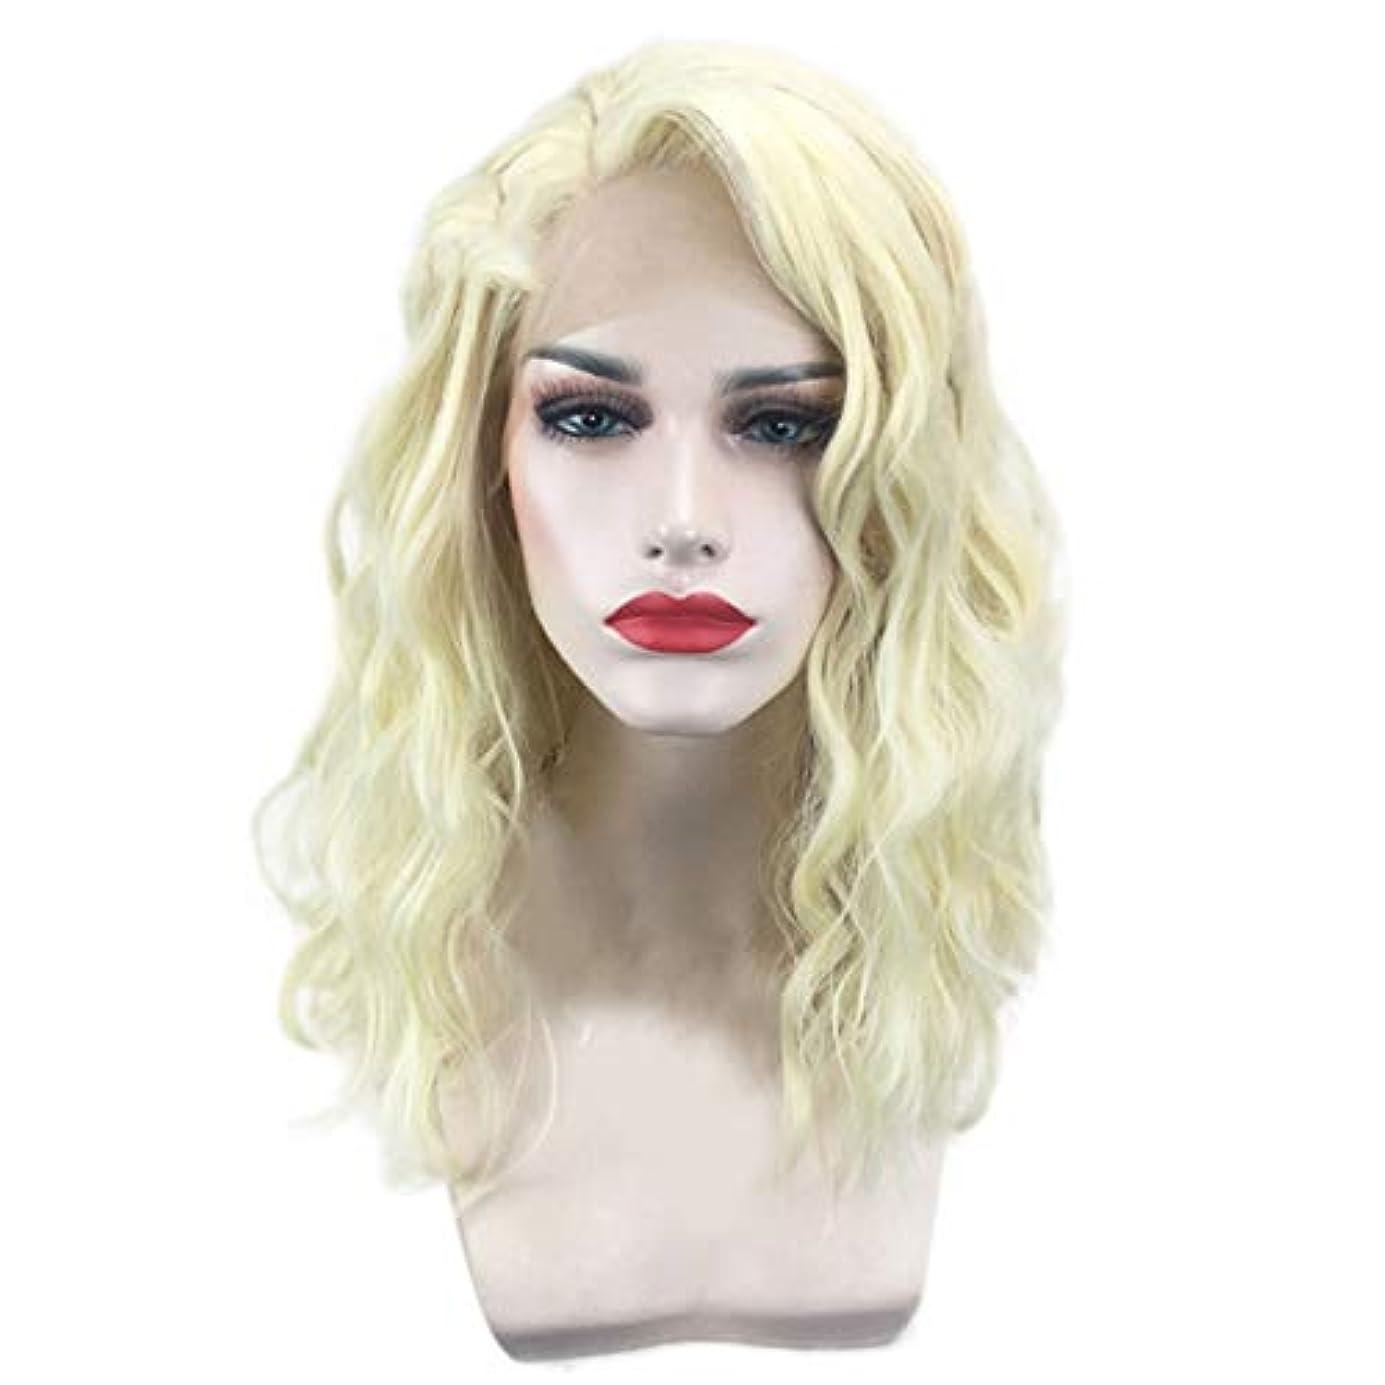 聖域プリーツ幸運なことに女性のための短い巻き毛のかつらゴールドウェーブヘアかつら自然に見える耐熱合成ファッションかつらコスプレ気質